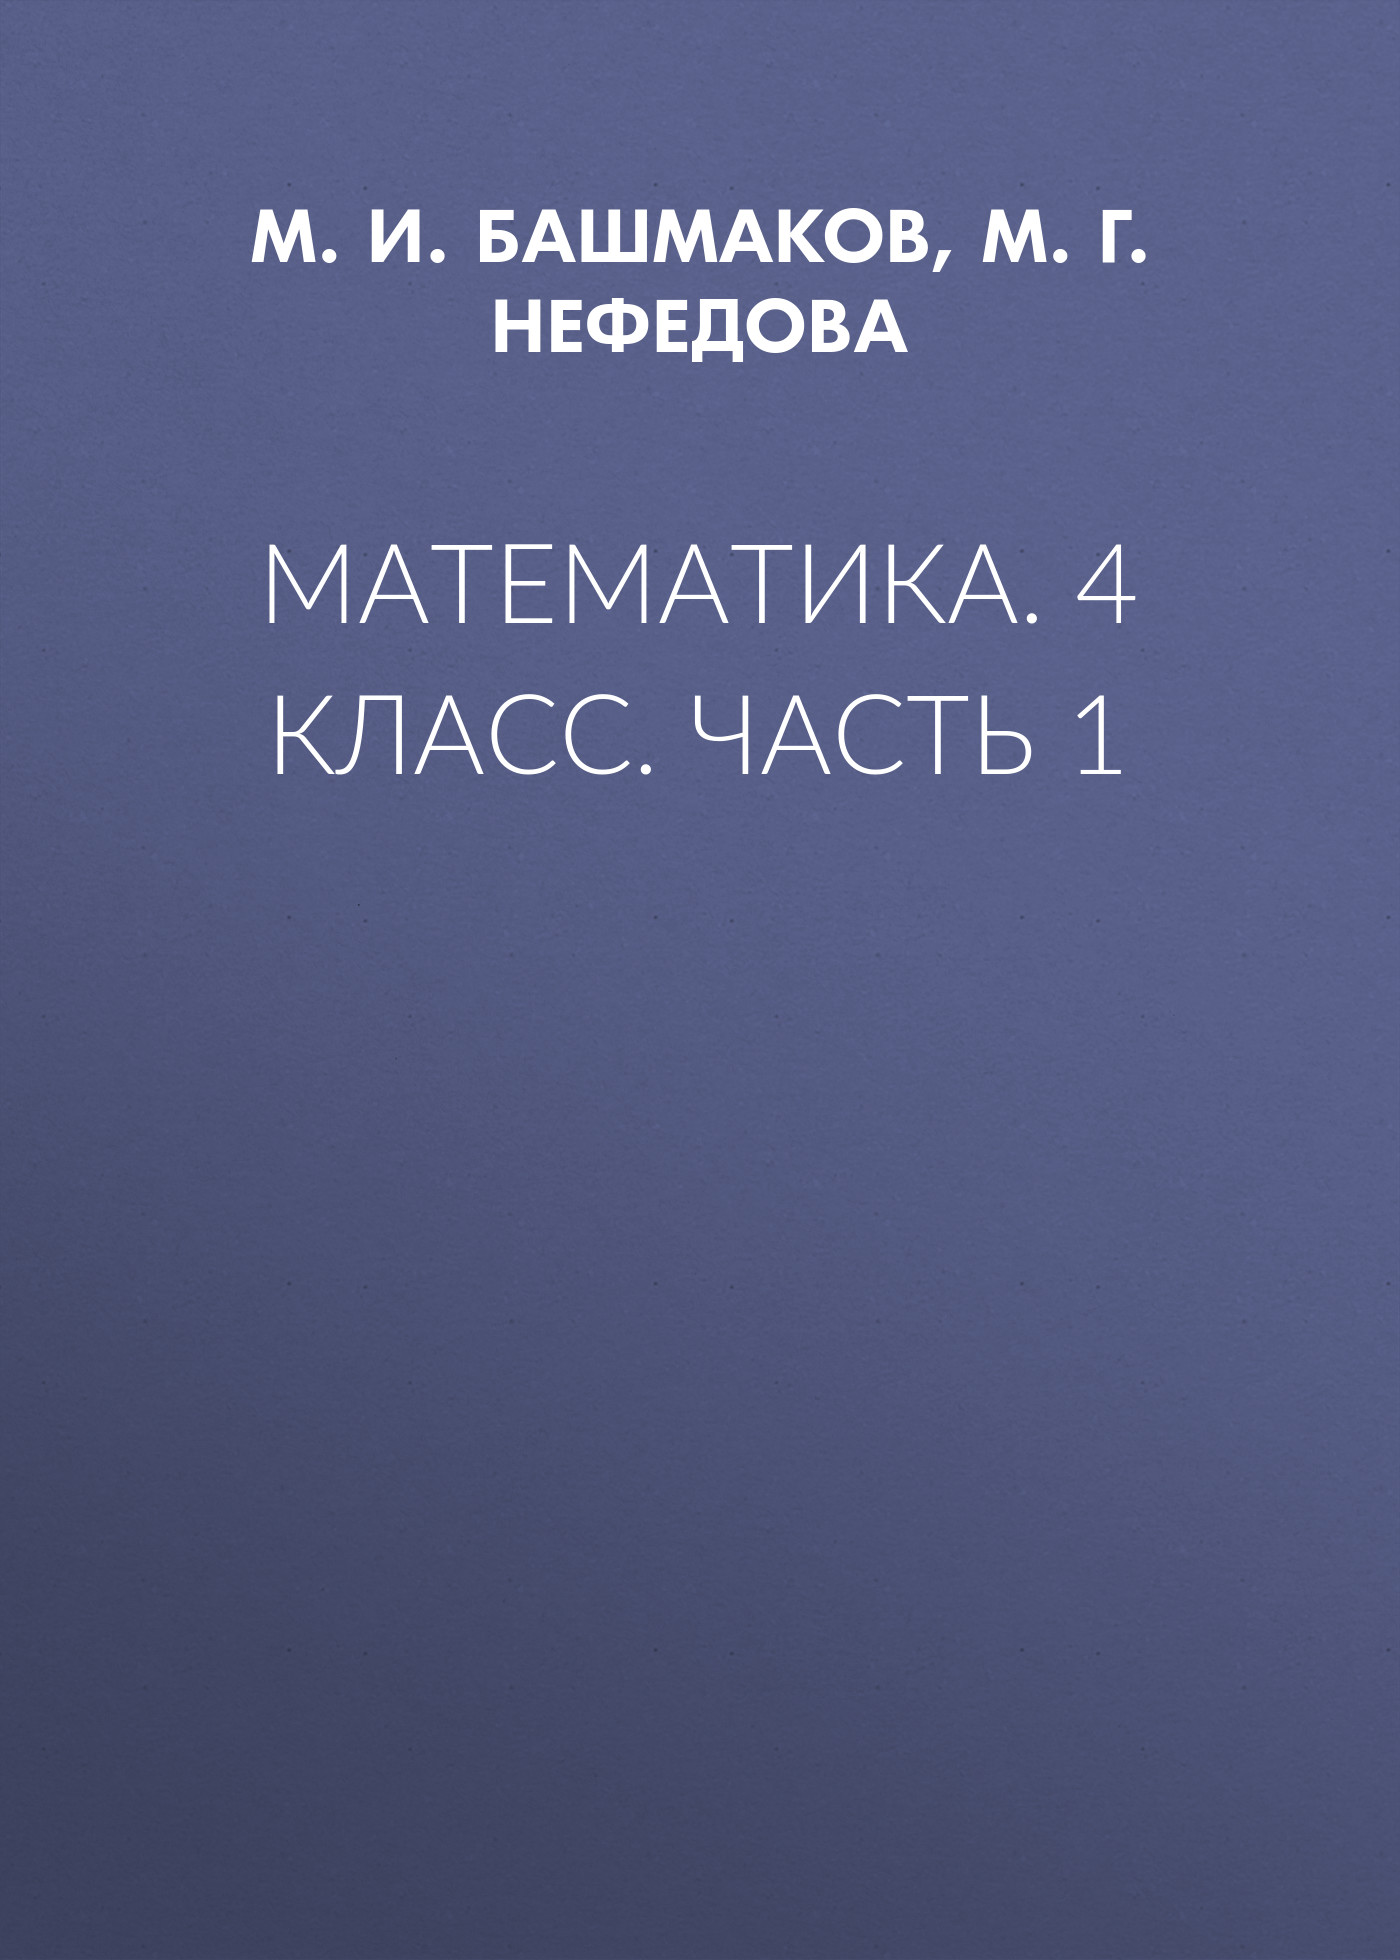 М. И. Башмаков Математика. 4 класс. Часть 1 федеральный государственный образовательный стандарт начального общего образования